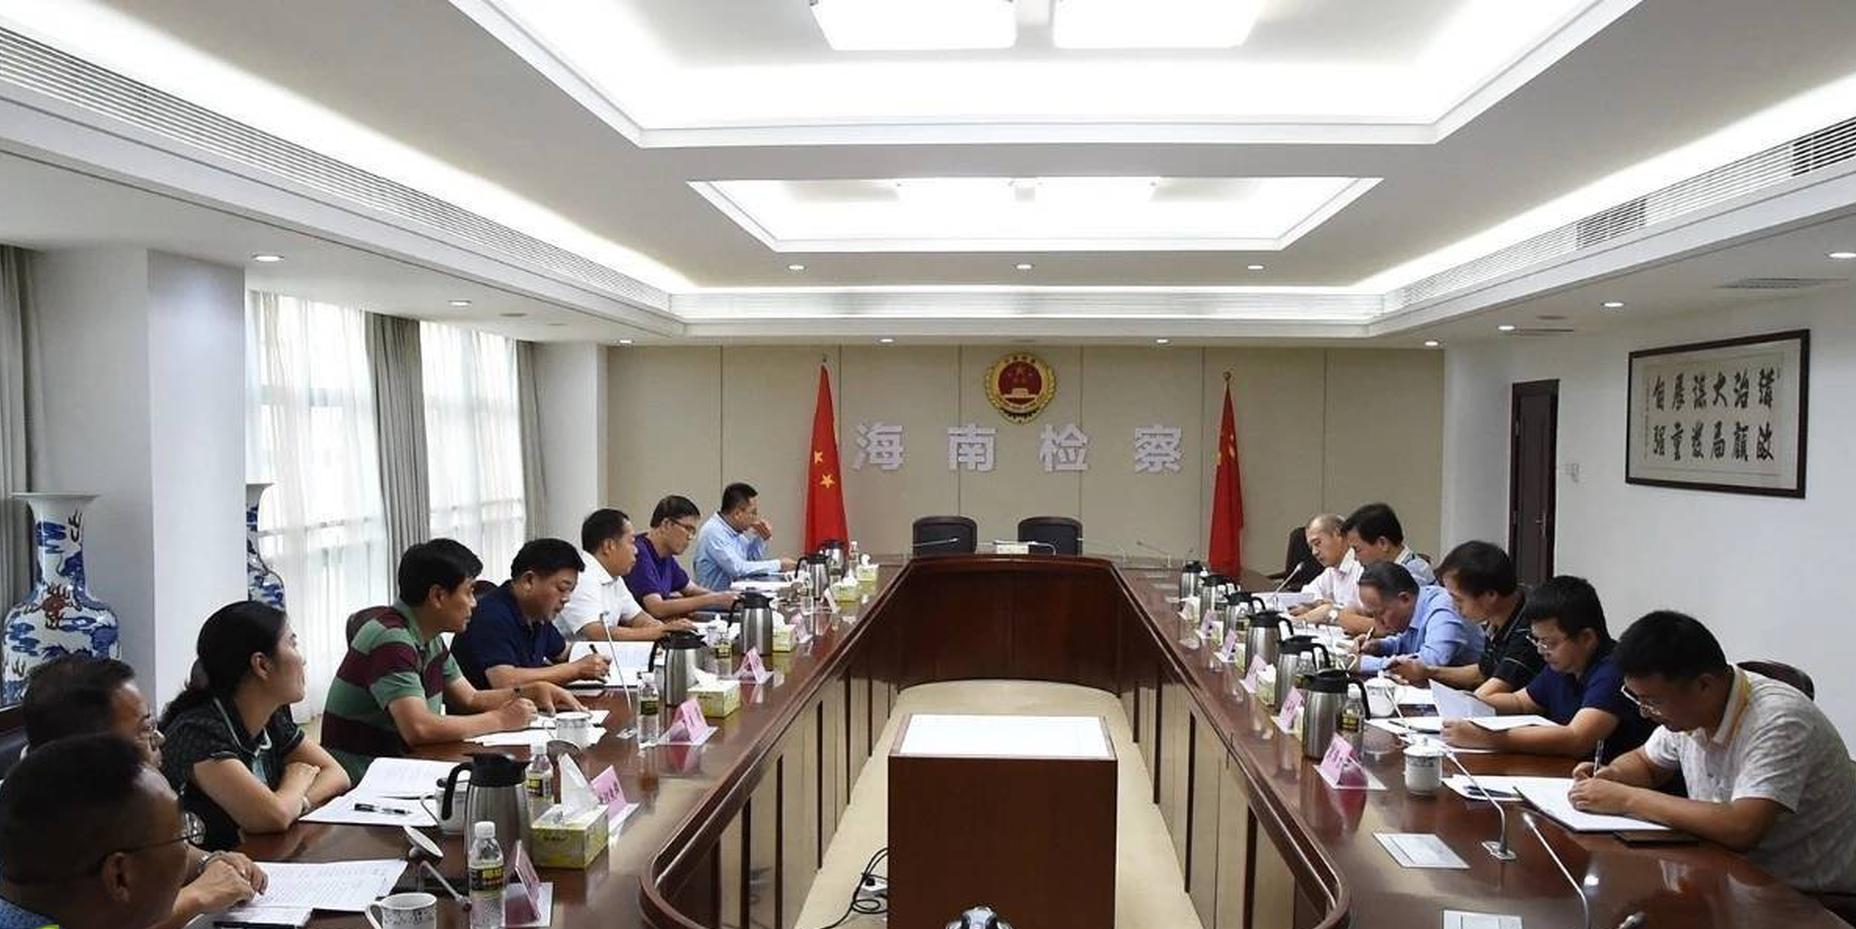 海南三部门召开联席会议:保持对食品药品违法行为的严打高压